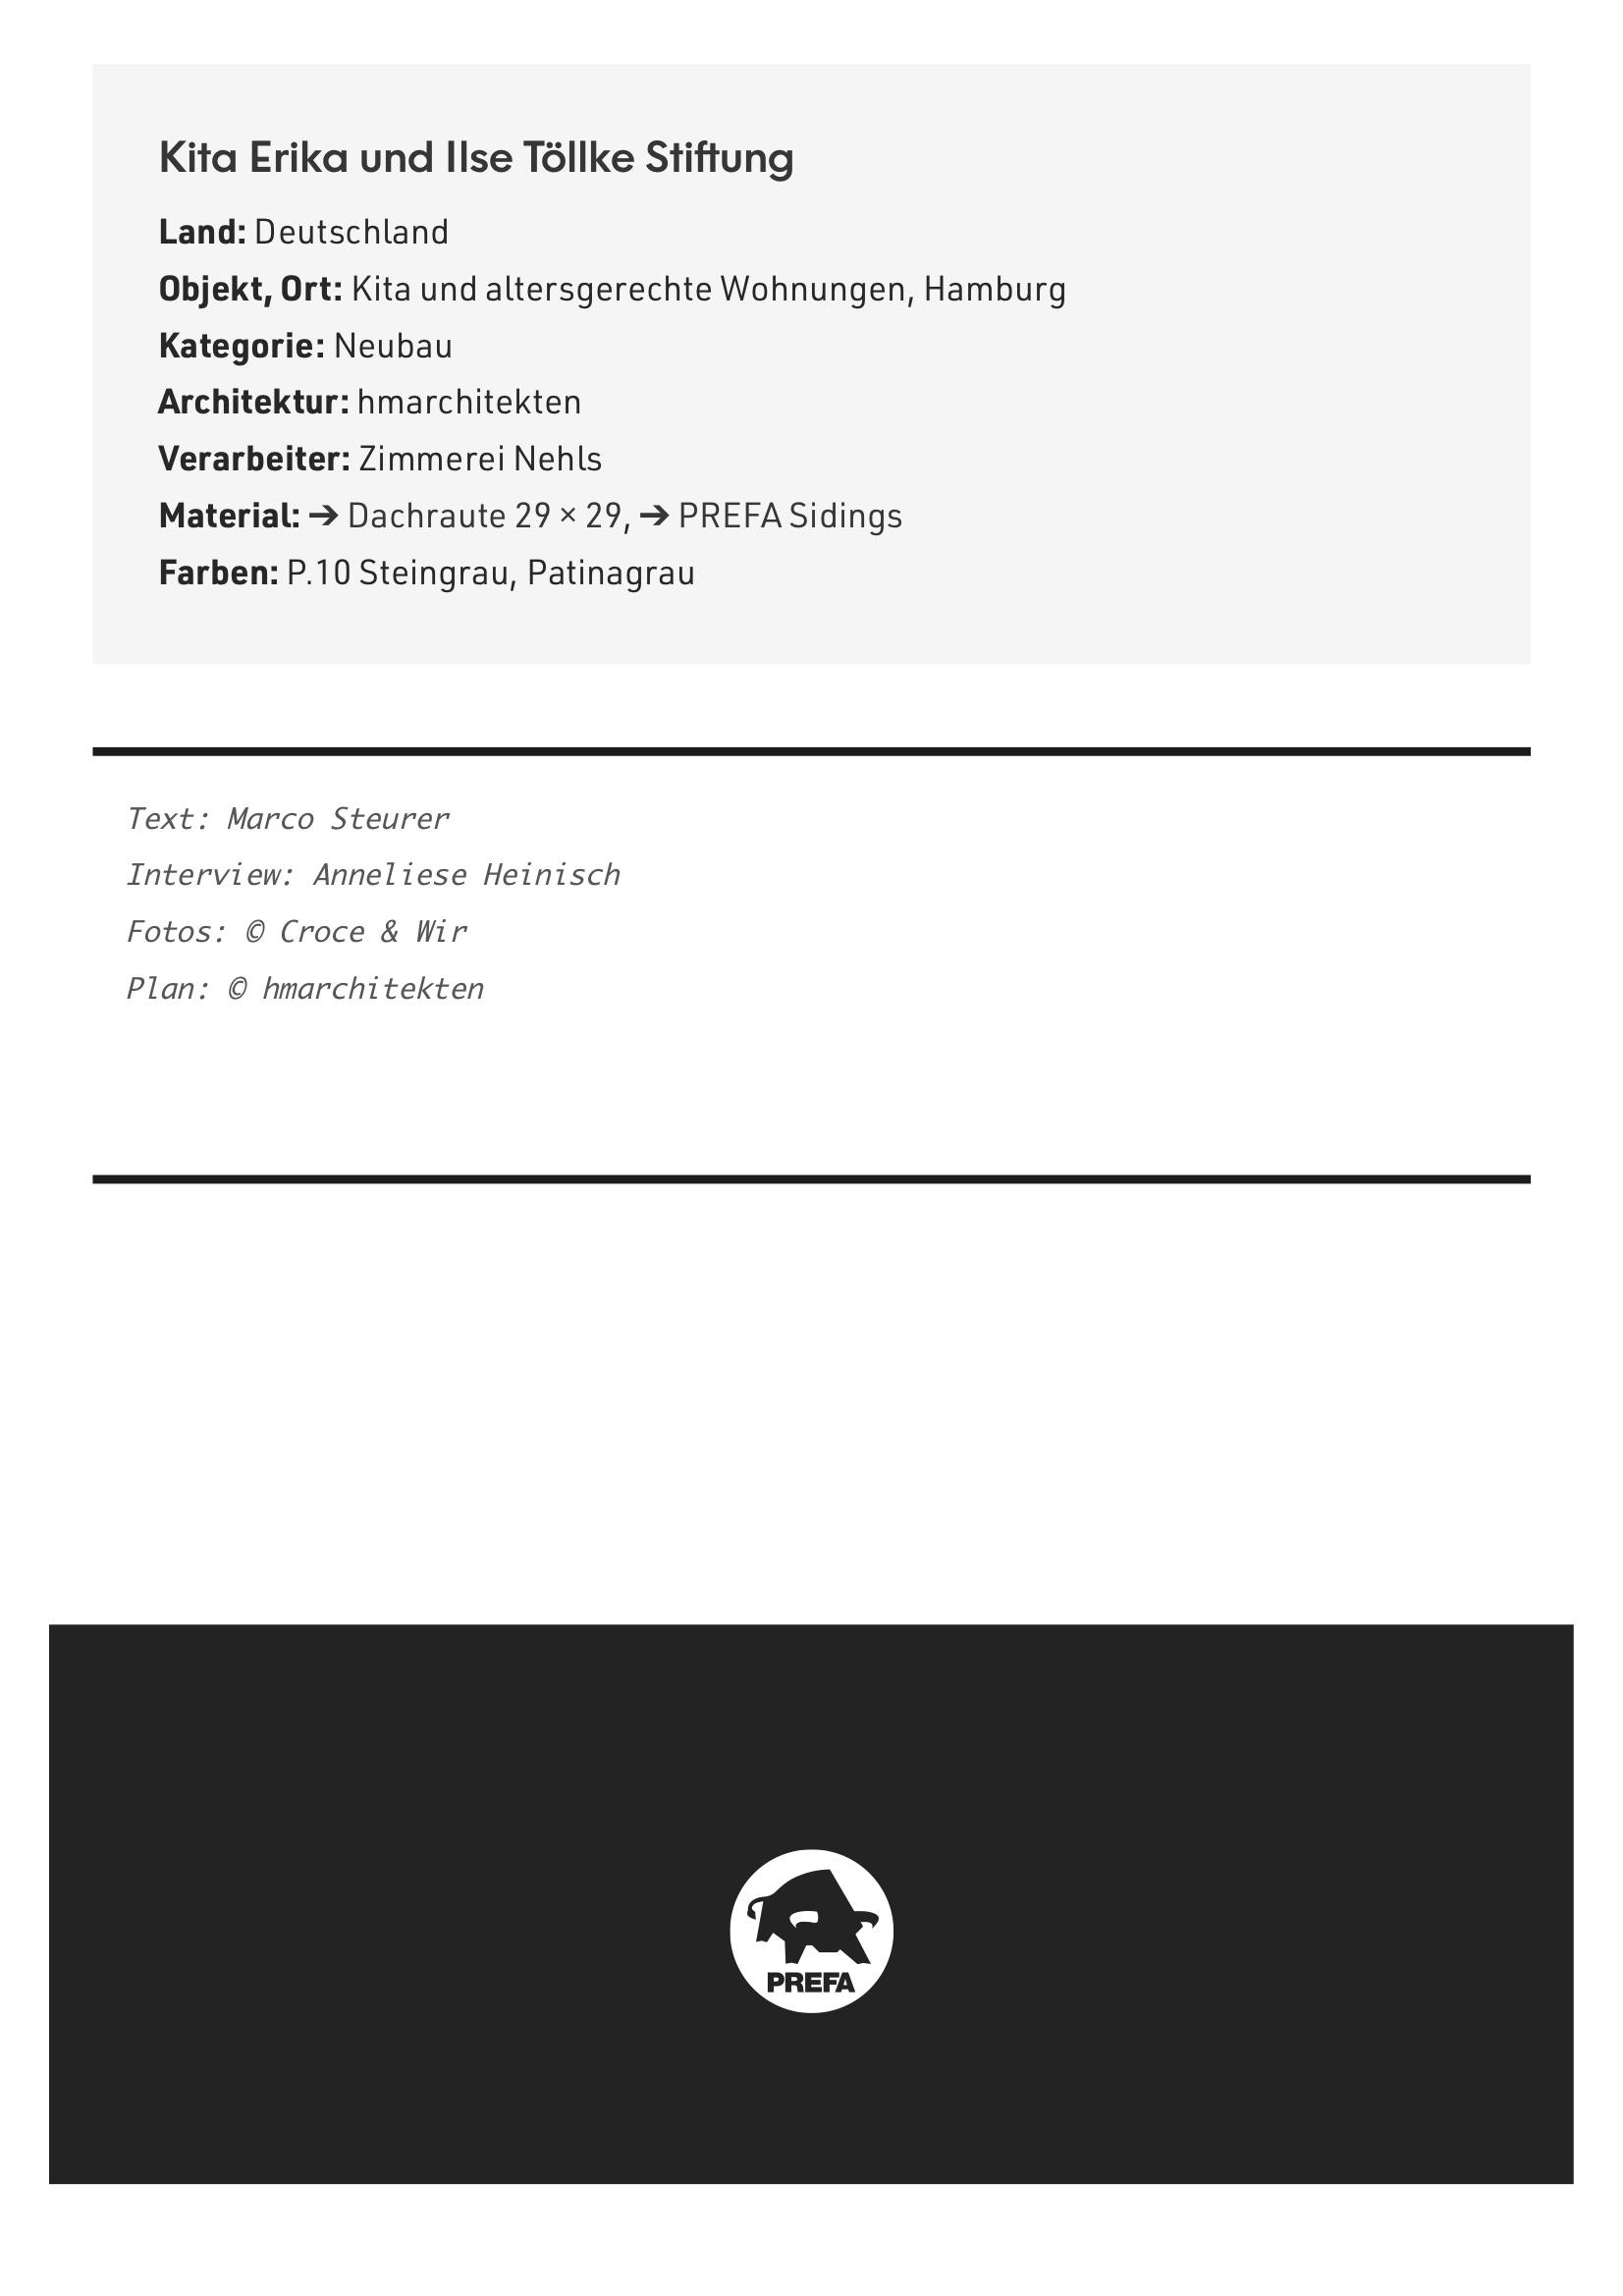 Zwei Generationen und PREFA – Seite an Seite - PREFARENZEN-08